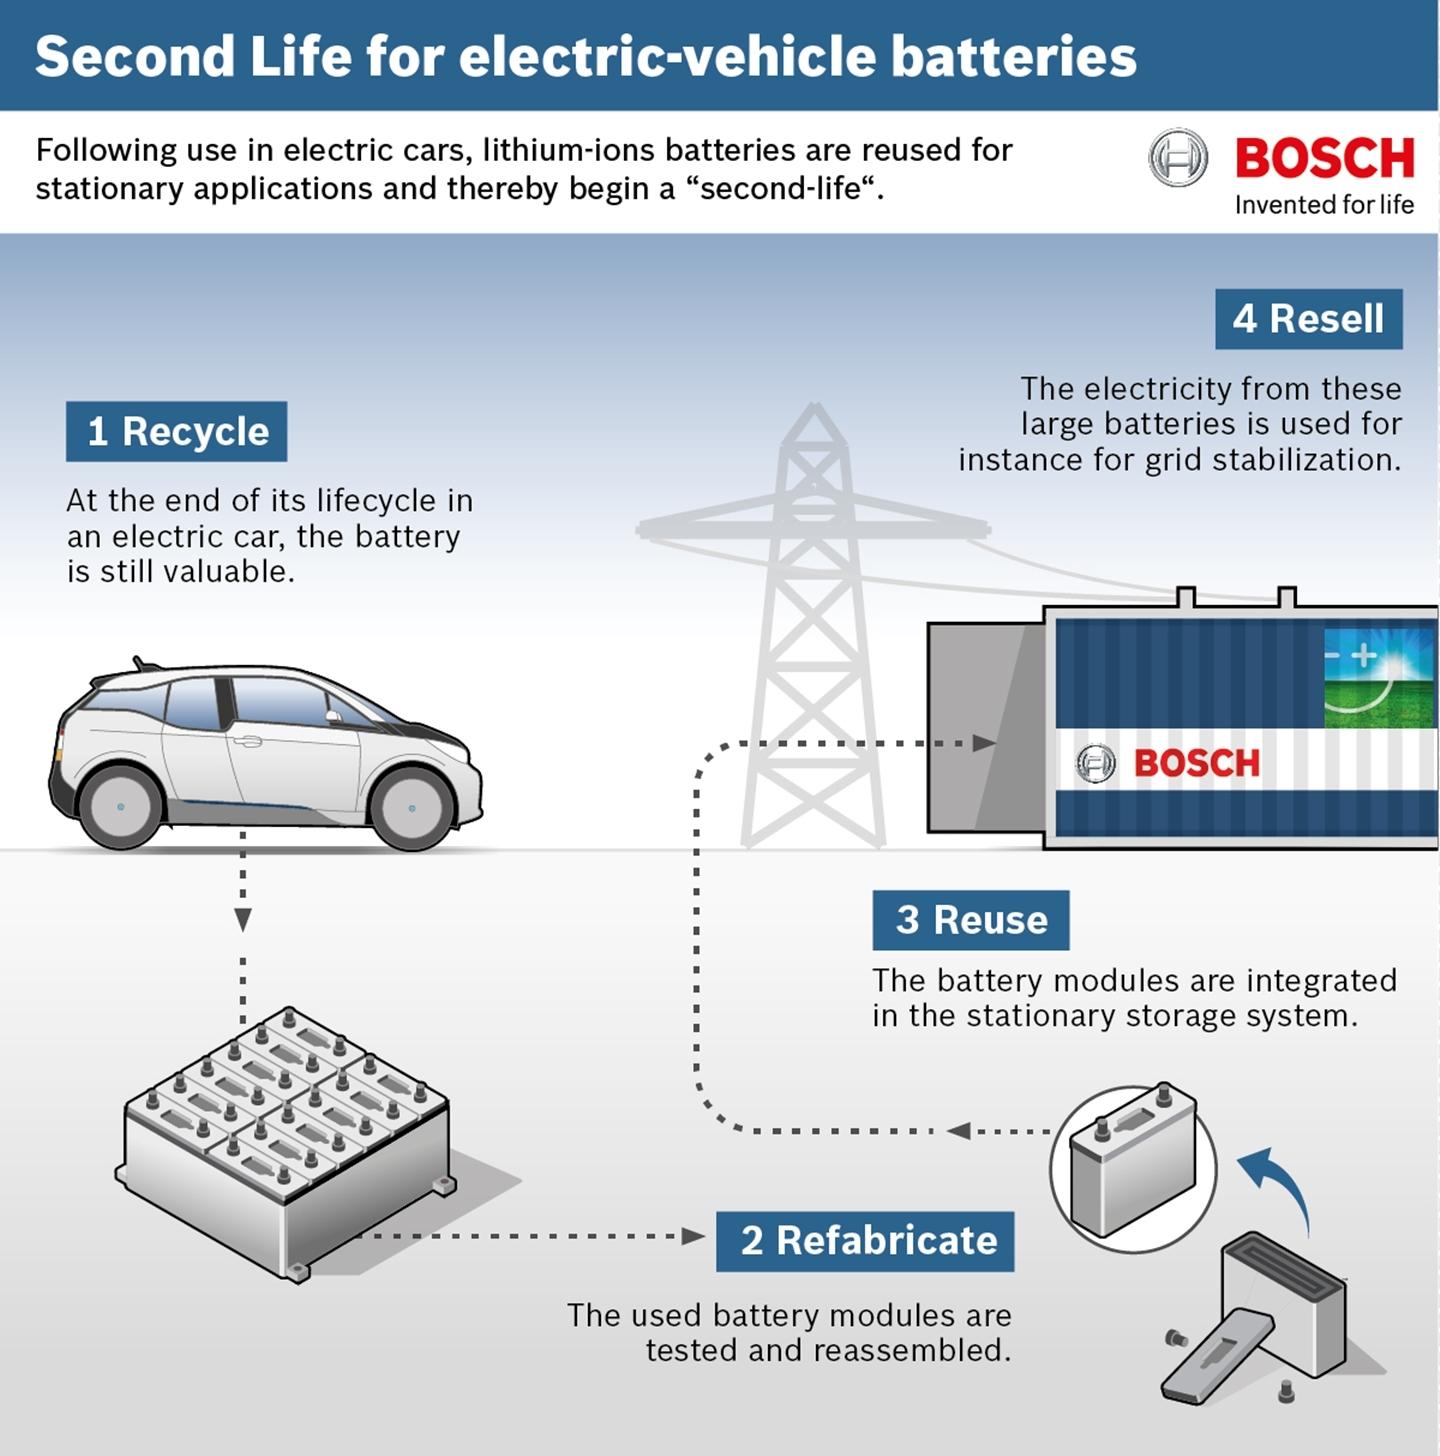 segunda-vida-baterías-300115-1440-01